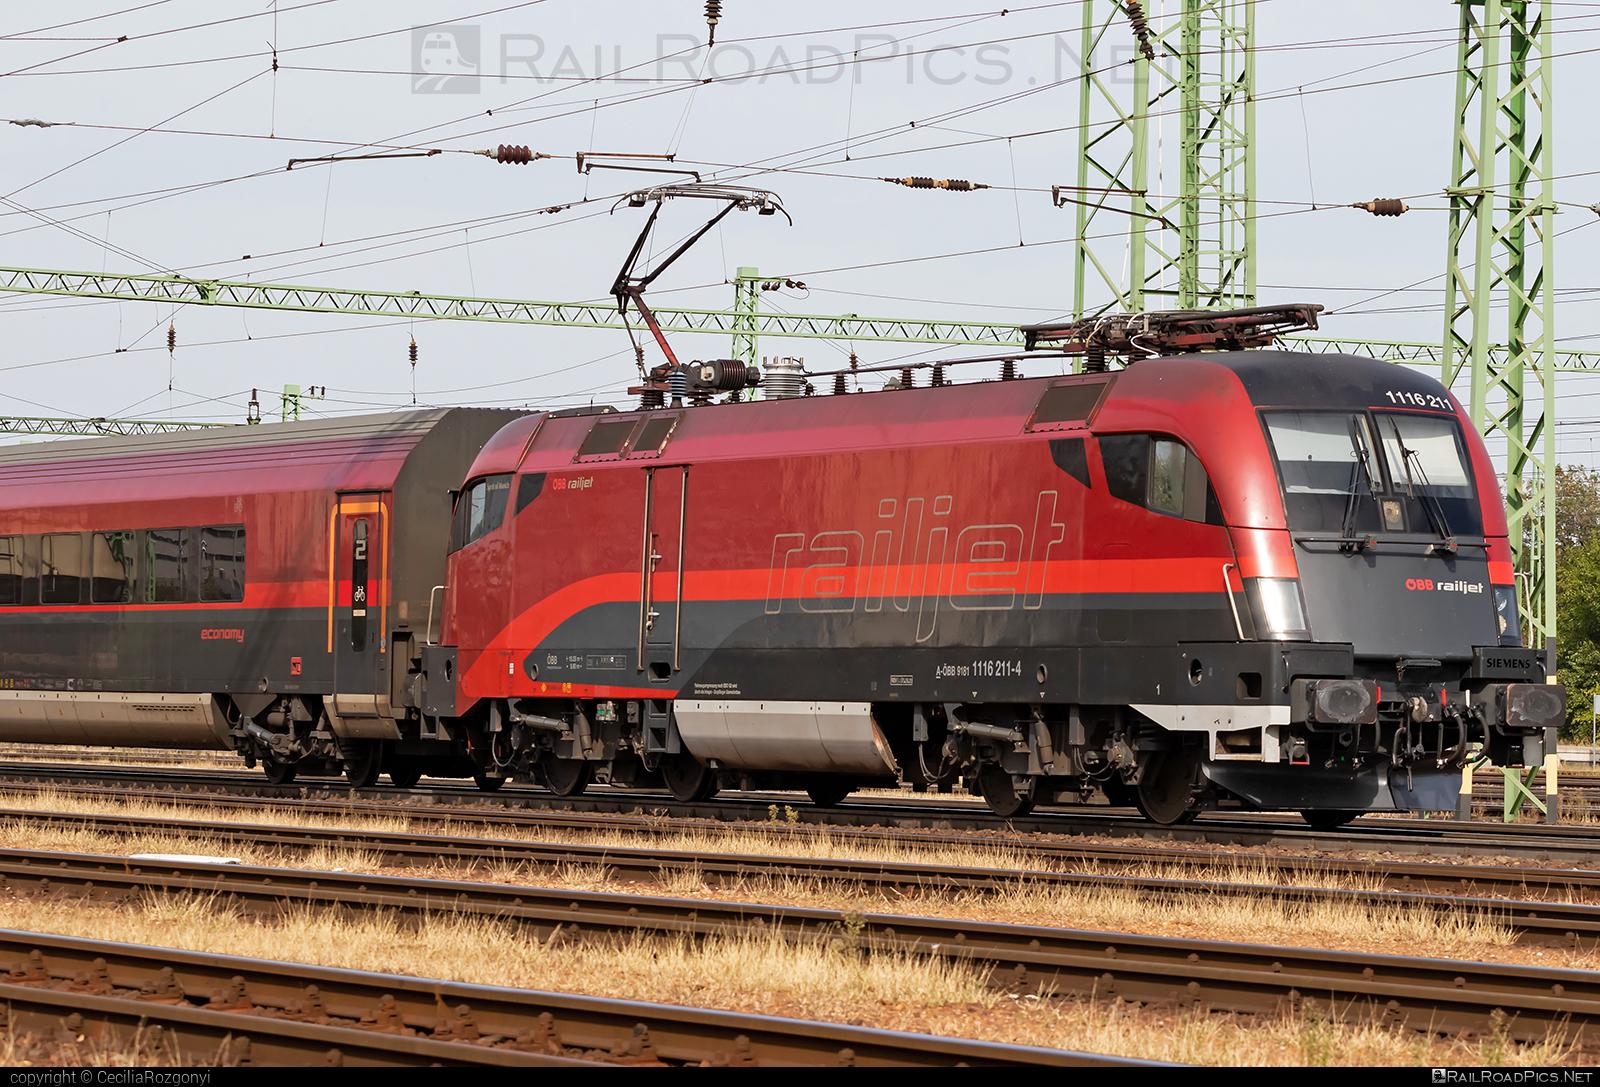 Siemens ES 64 U2 - 1116 211 operated by Österreichische Bundesbahnen #es64 #es64u #es64u2 #eurosprinter #obb #osterreichischebundesbahnen #siemens #siemenses64 #siemenses64u #siemenses64u2 #siemenstaurus #tauruslocomotive